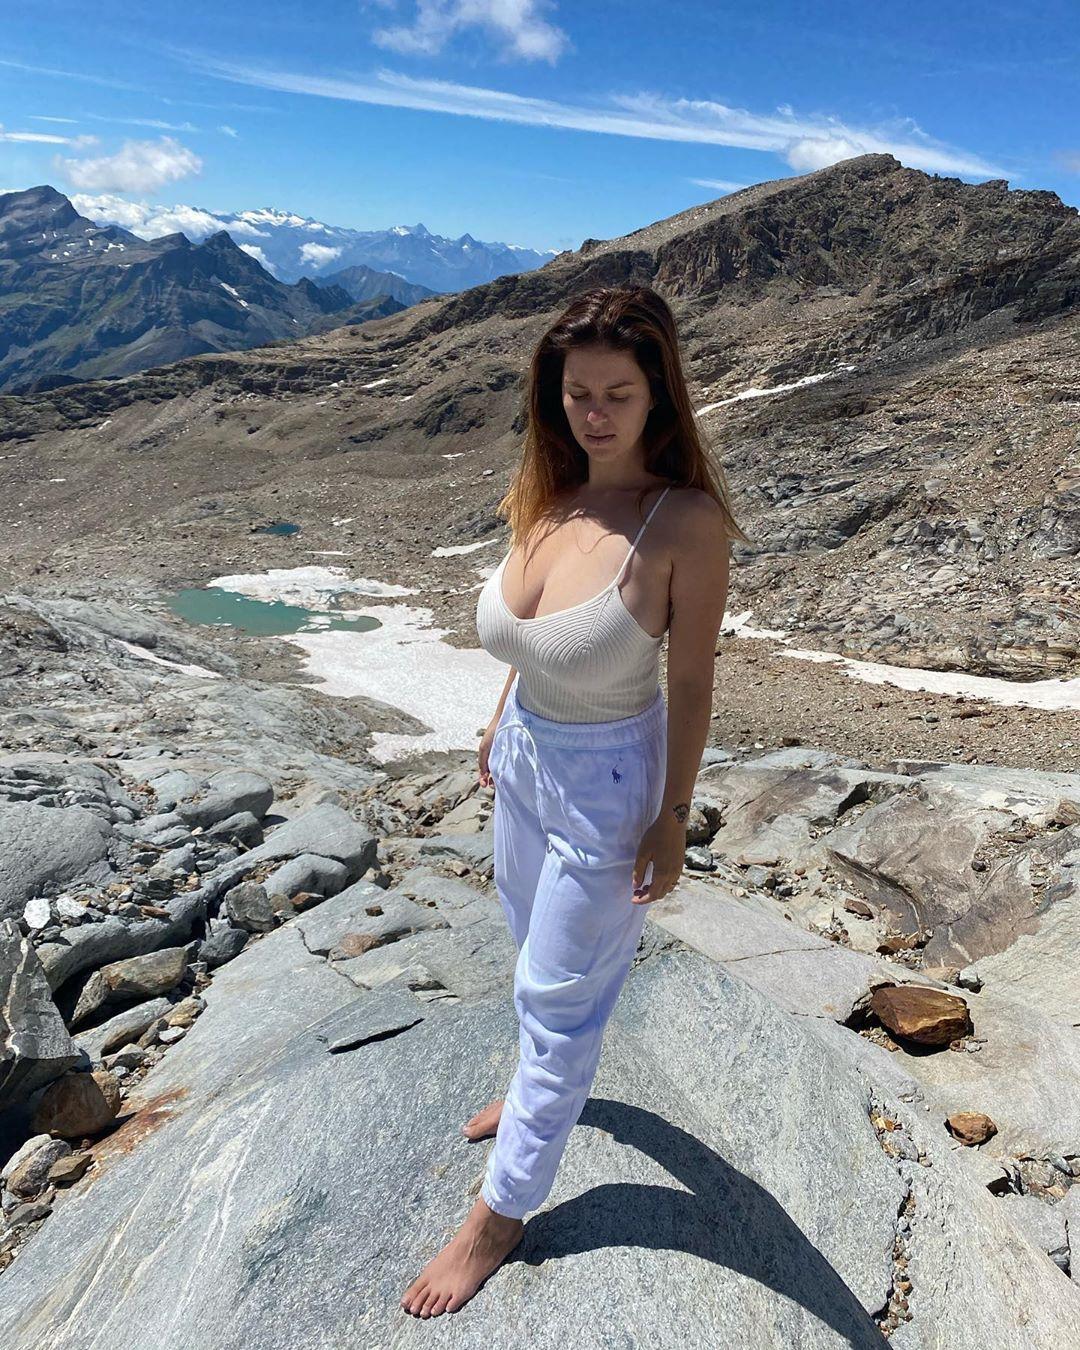 Mădălina Ioana Filip On Instagram About Yesterday Mady Mountains Love Nature Enjoylife Nomakeup Beautybeyondsize In 2020 Beautiful Models Hotties Women